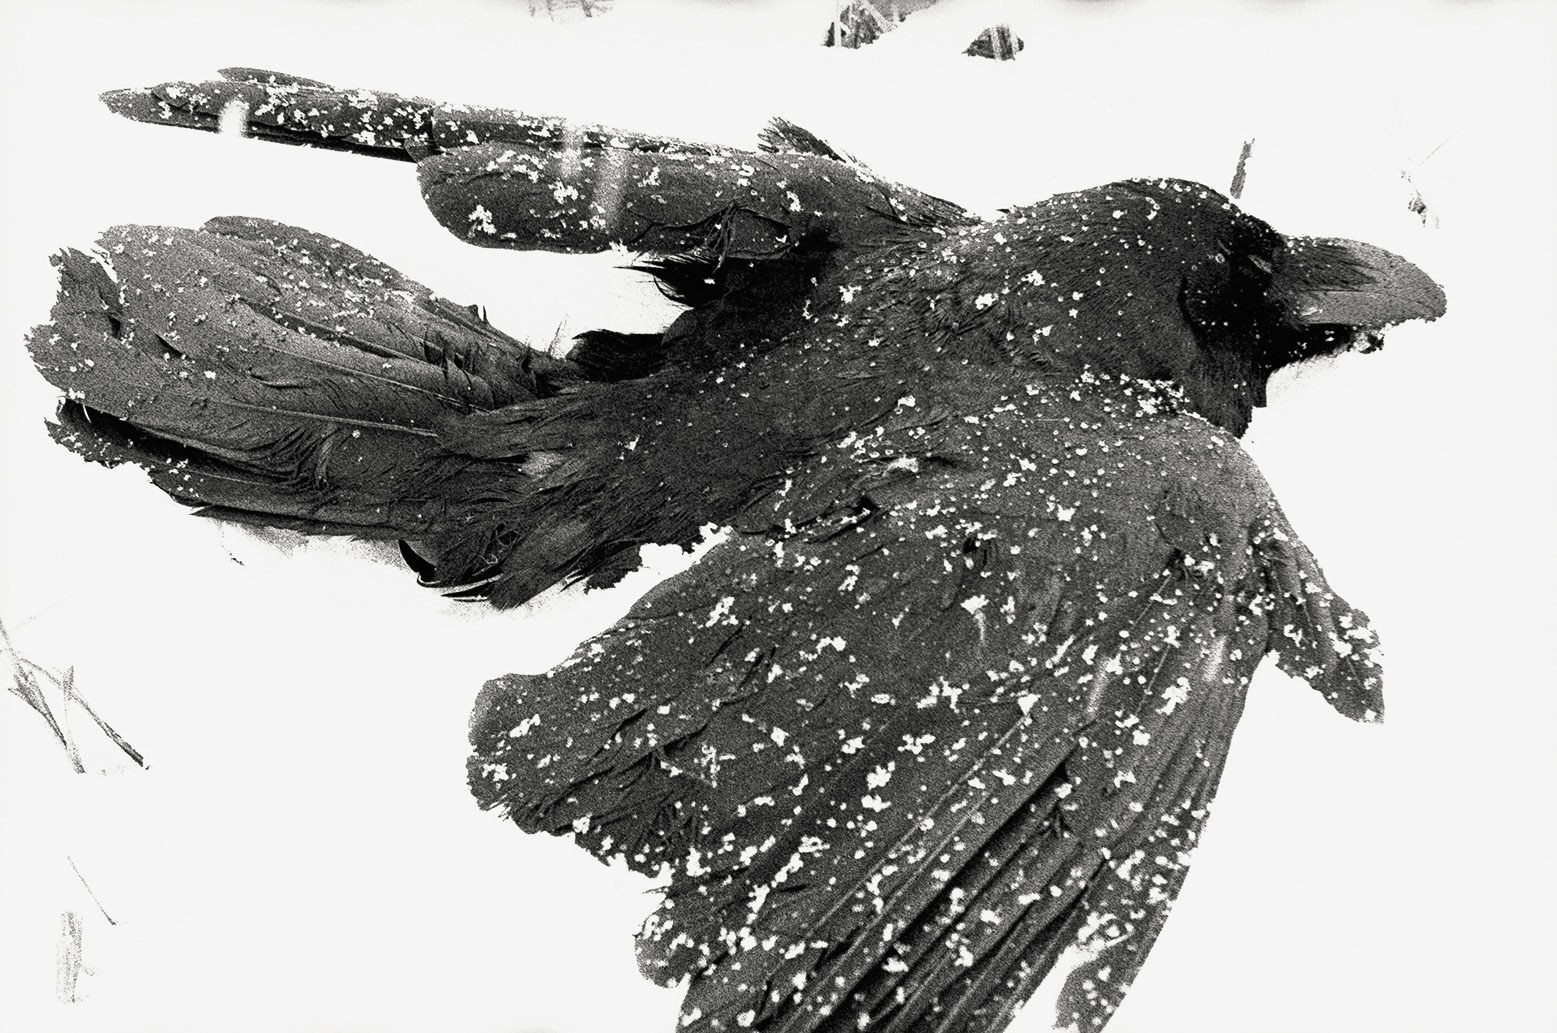 Ravens by Masahisa Fukase - StyleZeitgeist, Ravens, Photography, Masahisa Fukase, Japanese, Eugene Rabkin, Culture, Art, 2017